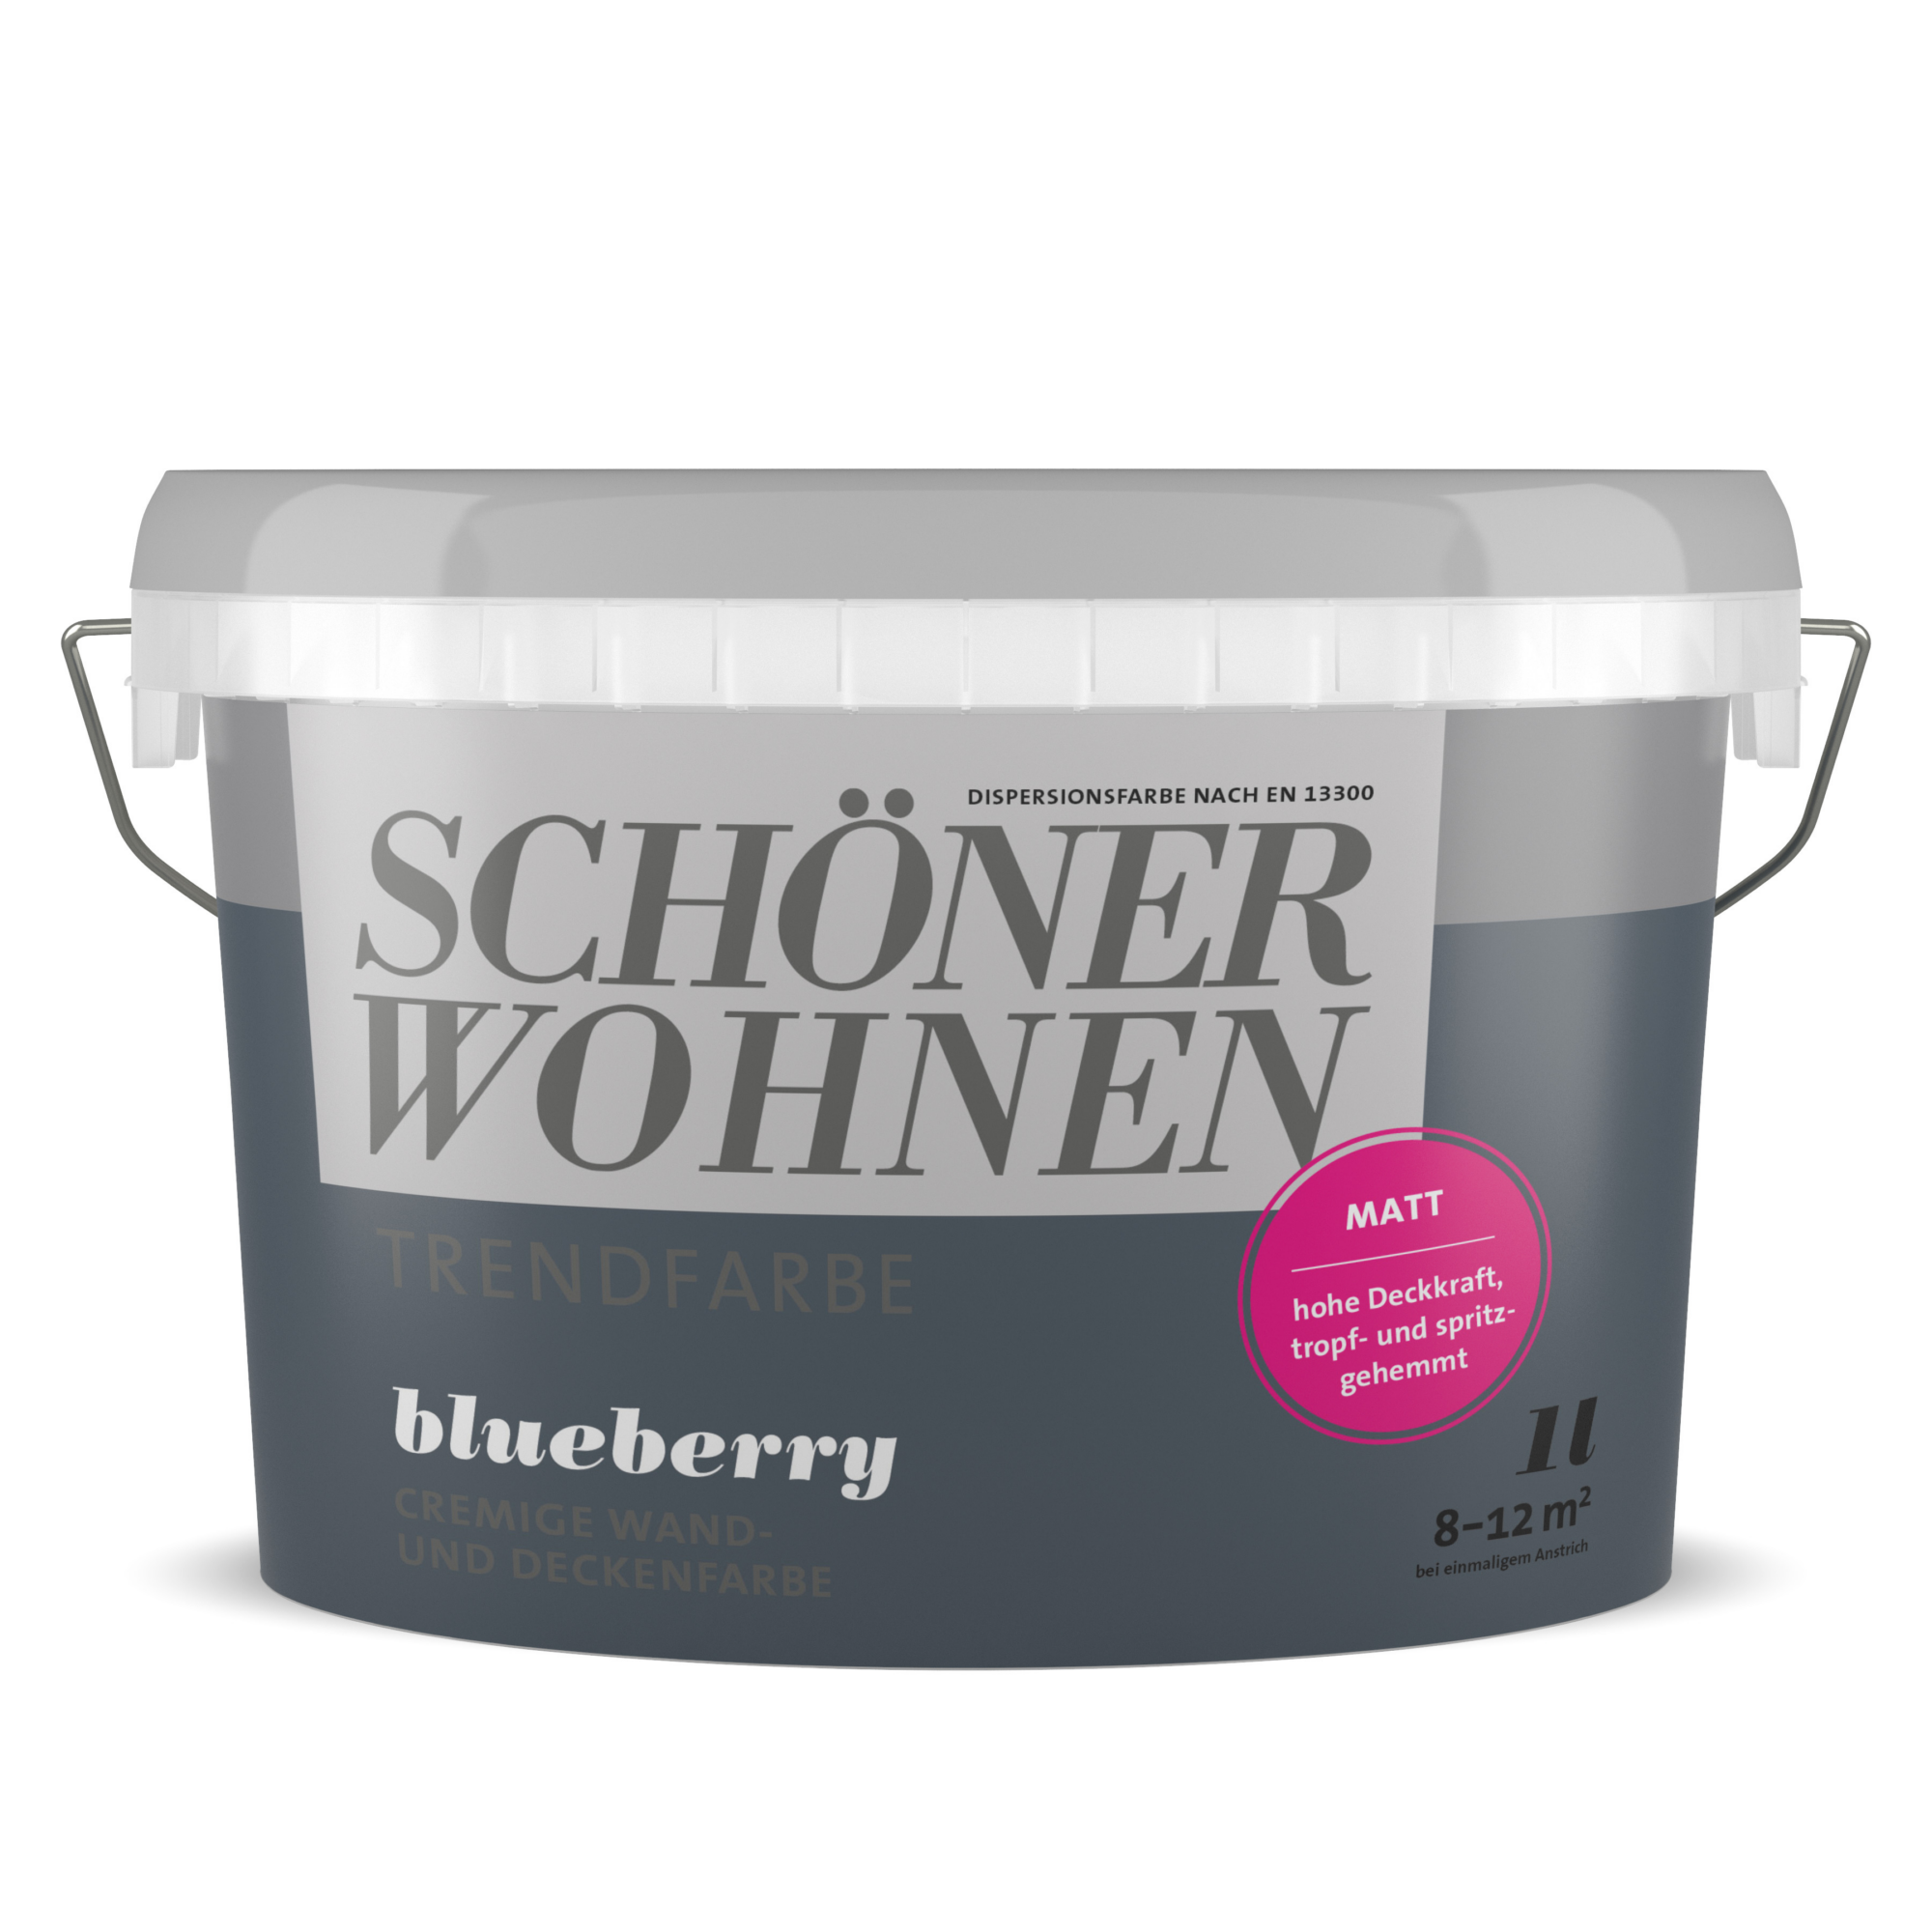 Schoner Wohnen Wand Und Deckenfarbe Trendfarbe Blueberry Blauschwarz Matt 1 L ǀ Toom Baumarkt